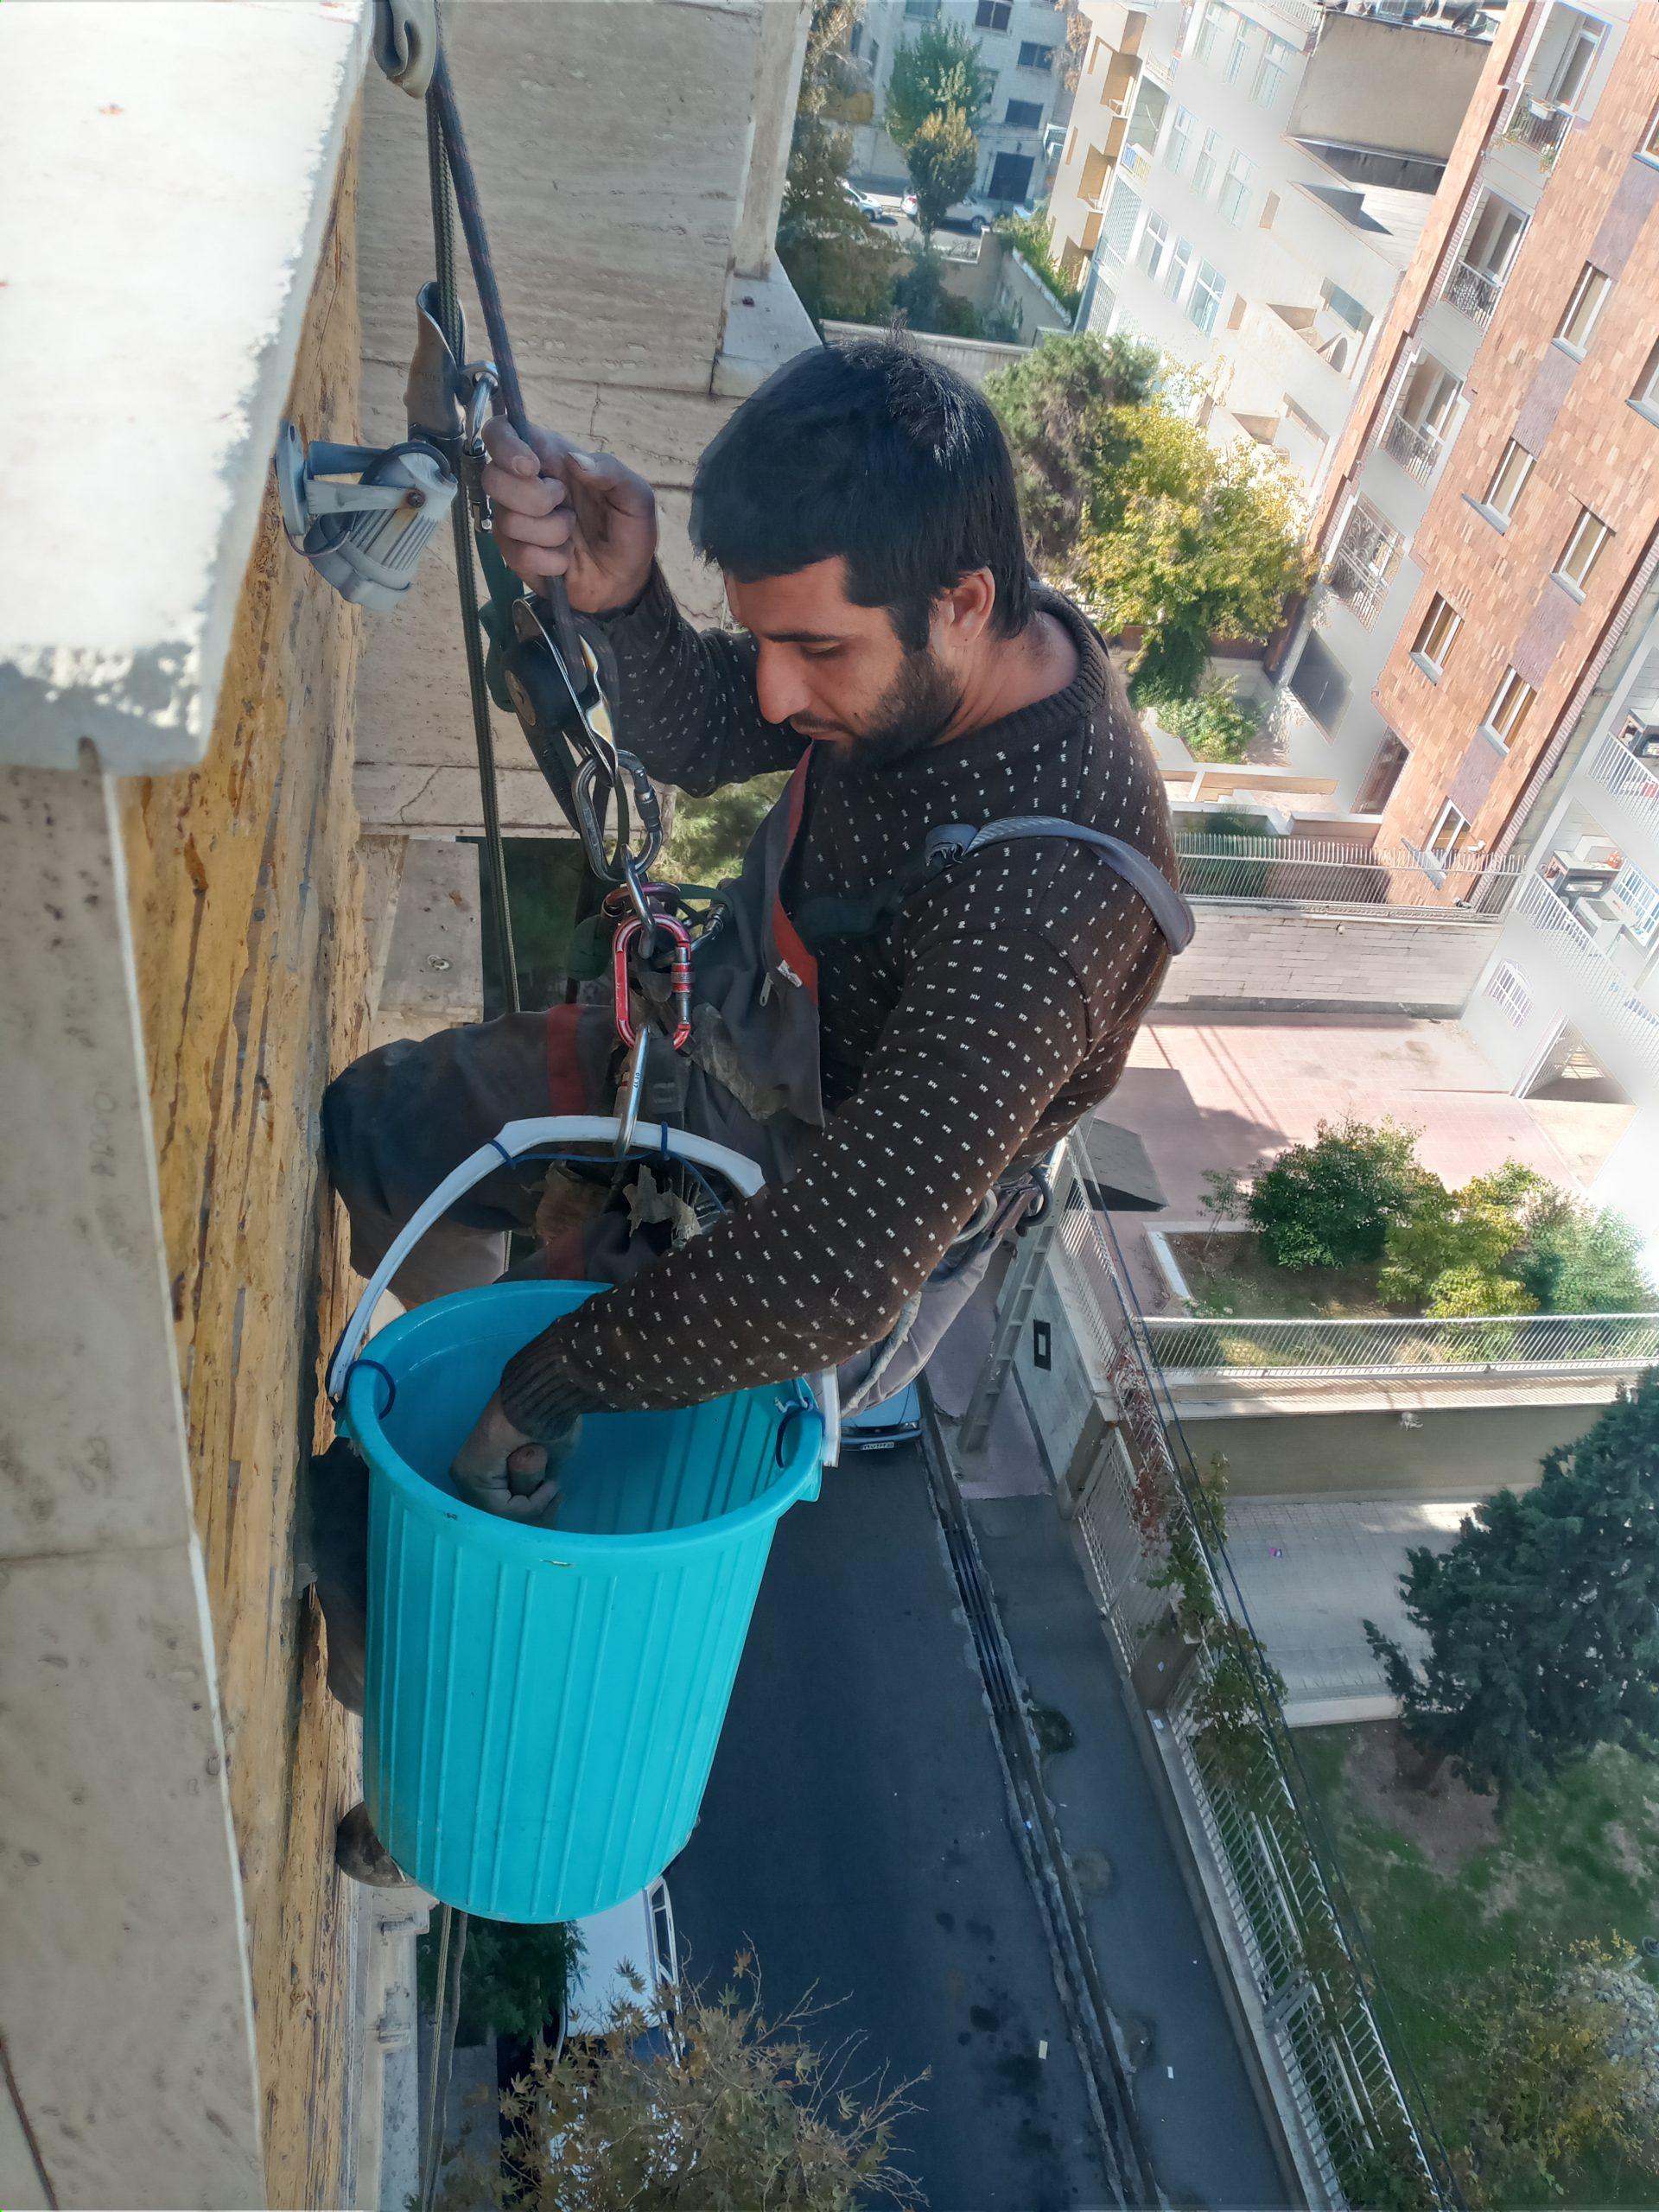 رزین سنگ نما بدون داربست|قیمت رزین سنگ نما با طناب یکی از خدمات نما تهران راپل می باشد. رزین به عنوان ماده ای برای ترمیم سنگ های نما مورد استفاده قرار می گیرید. ترهان راپل مجری رزین نما با طناب در تهران و کرج می باشد.